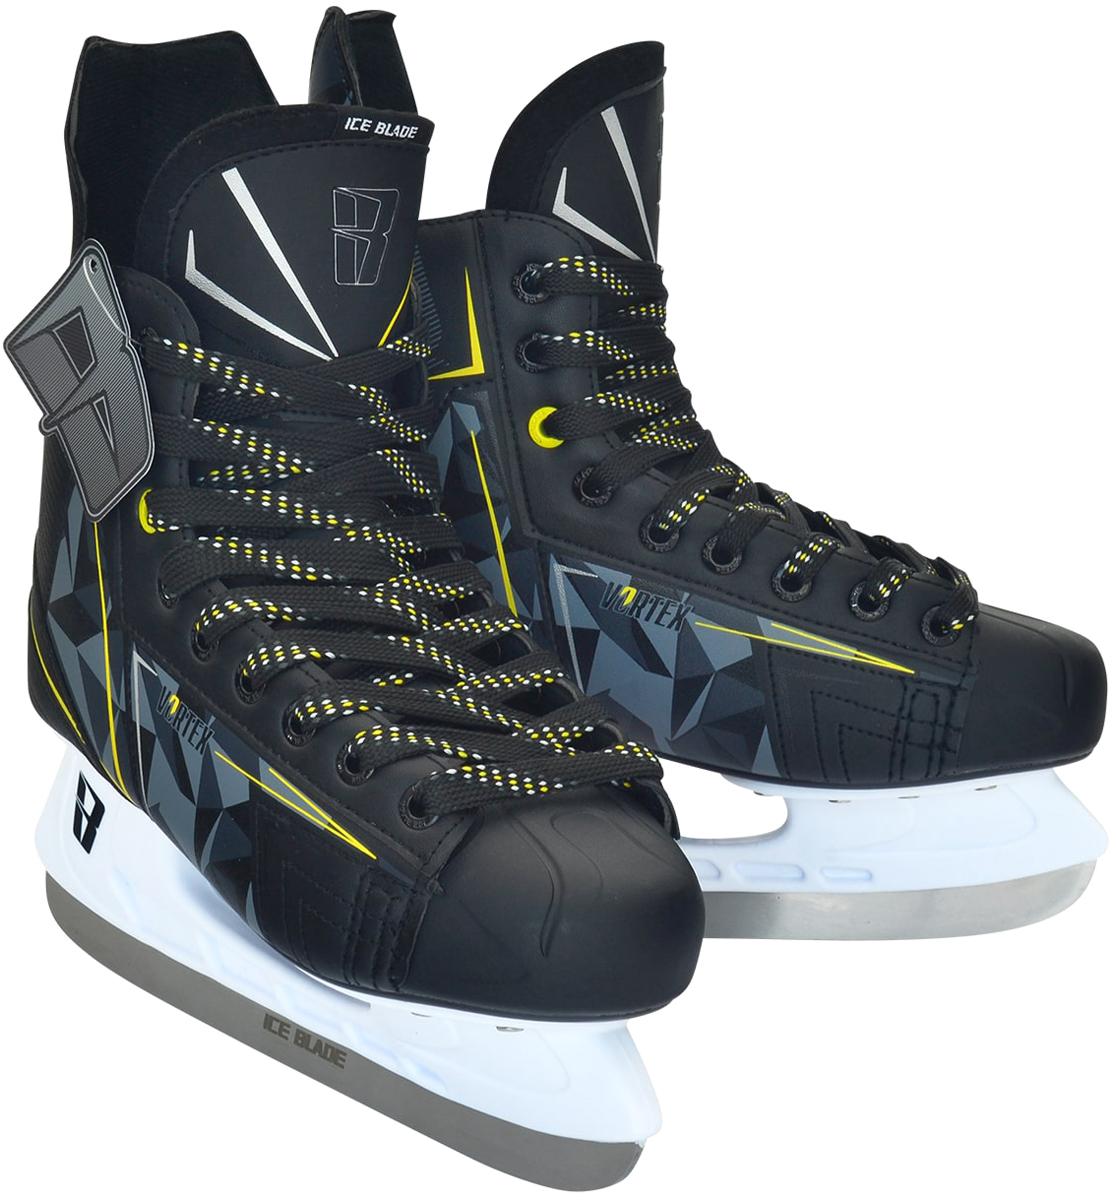 Коньки хоккейные мужские Ice Blade Vortex, цвет: серый, желтый, белый. Размер 43УТ-00010444Хоккейные коньки Ice Blade Vortex являются официальной лицензионной продукцией Континентальной Хоккейной Лиги (КХЛ). Это прекрасная любительская модель коньков с уникальным стильным ассиметричным дизайном, выполненным в новой стилистической концепции КХЛ. Модель выполнена из износостойких материалов, устойчивых к порезам. Усиленная жесткость ботинка для более уверенного катания. Дополнительные вставки из EVA и MEMORY foam обеспечат комфорт. Лезвие выполнено из высокоуглеродистой стали с покрытием из никеля. Шнуровка надежно зафиксирует модель на ноге.Коньки подходят для использования на открытом и закрытом льду.